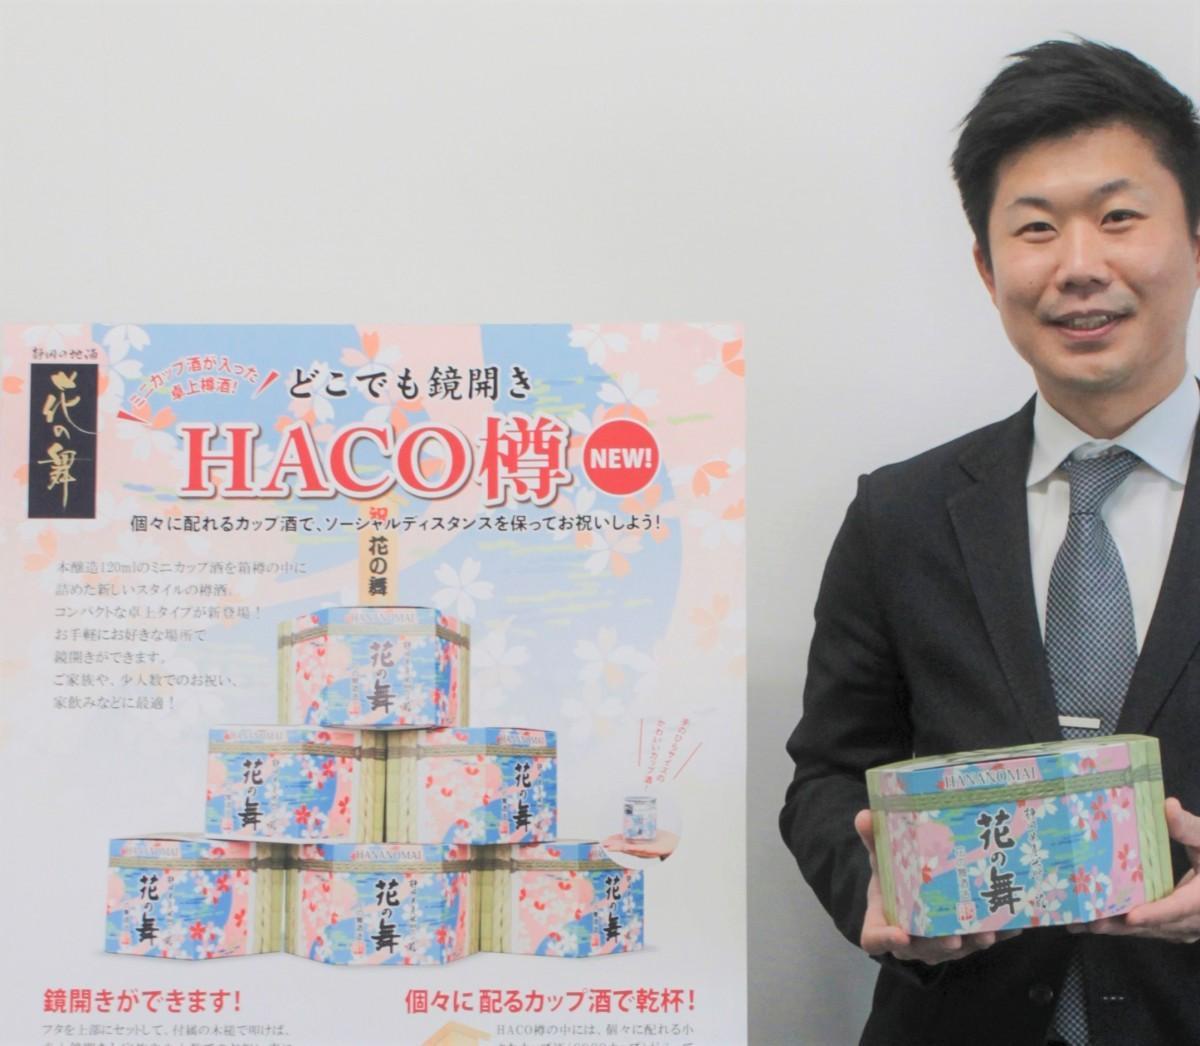 多くの人に楽しんでもらいたいと期待する広報担当の石川貴大さん